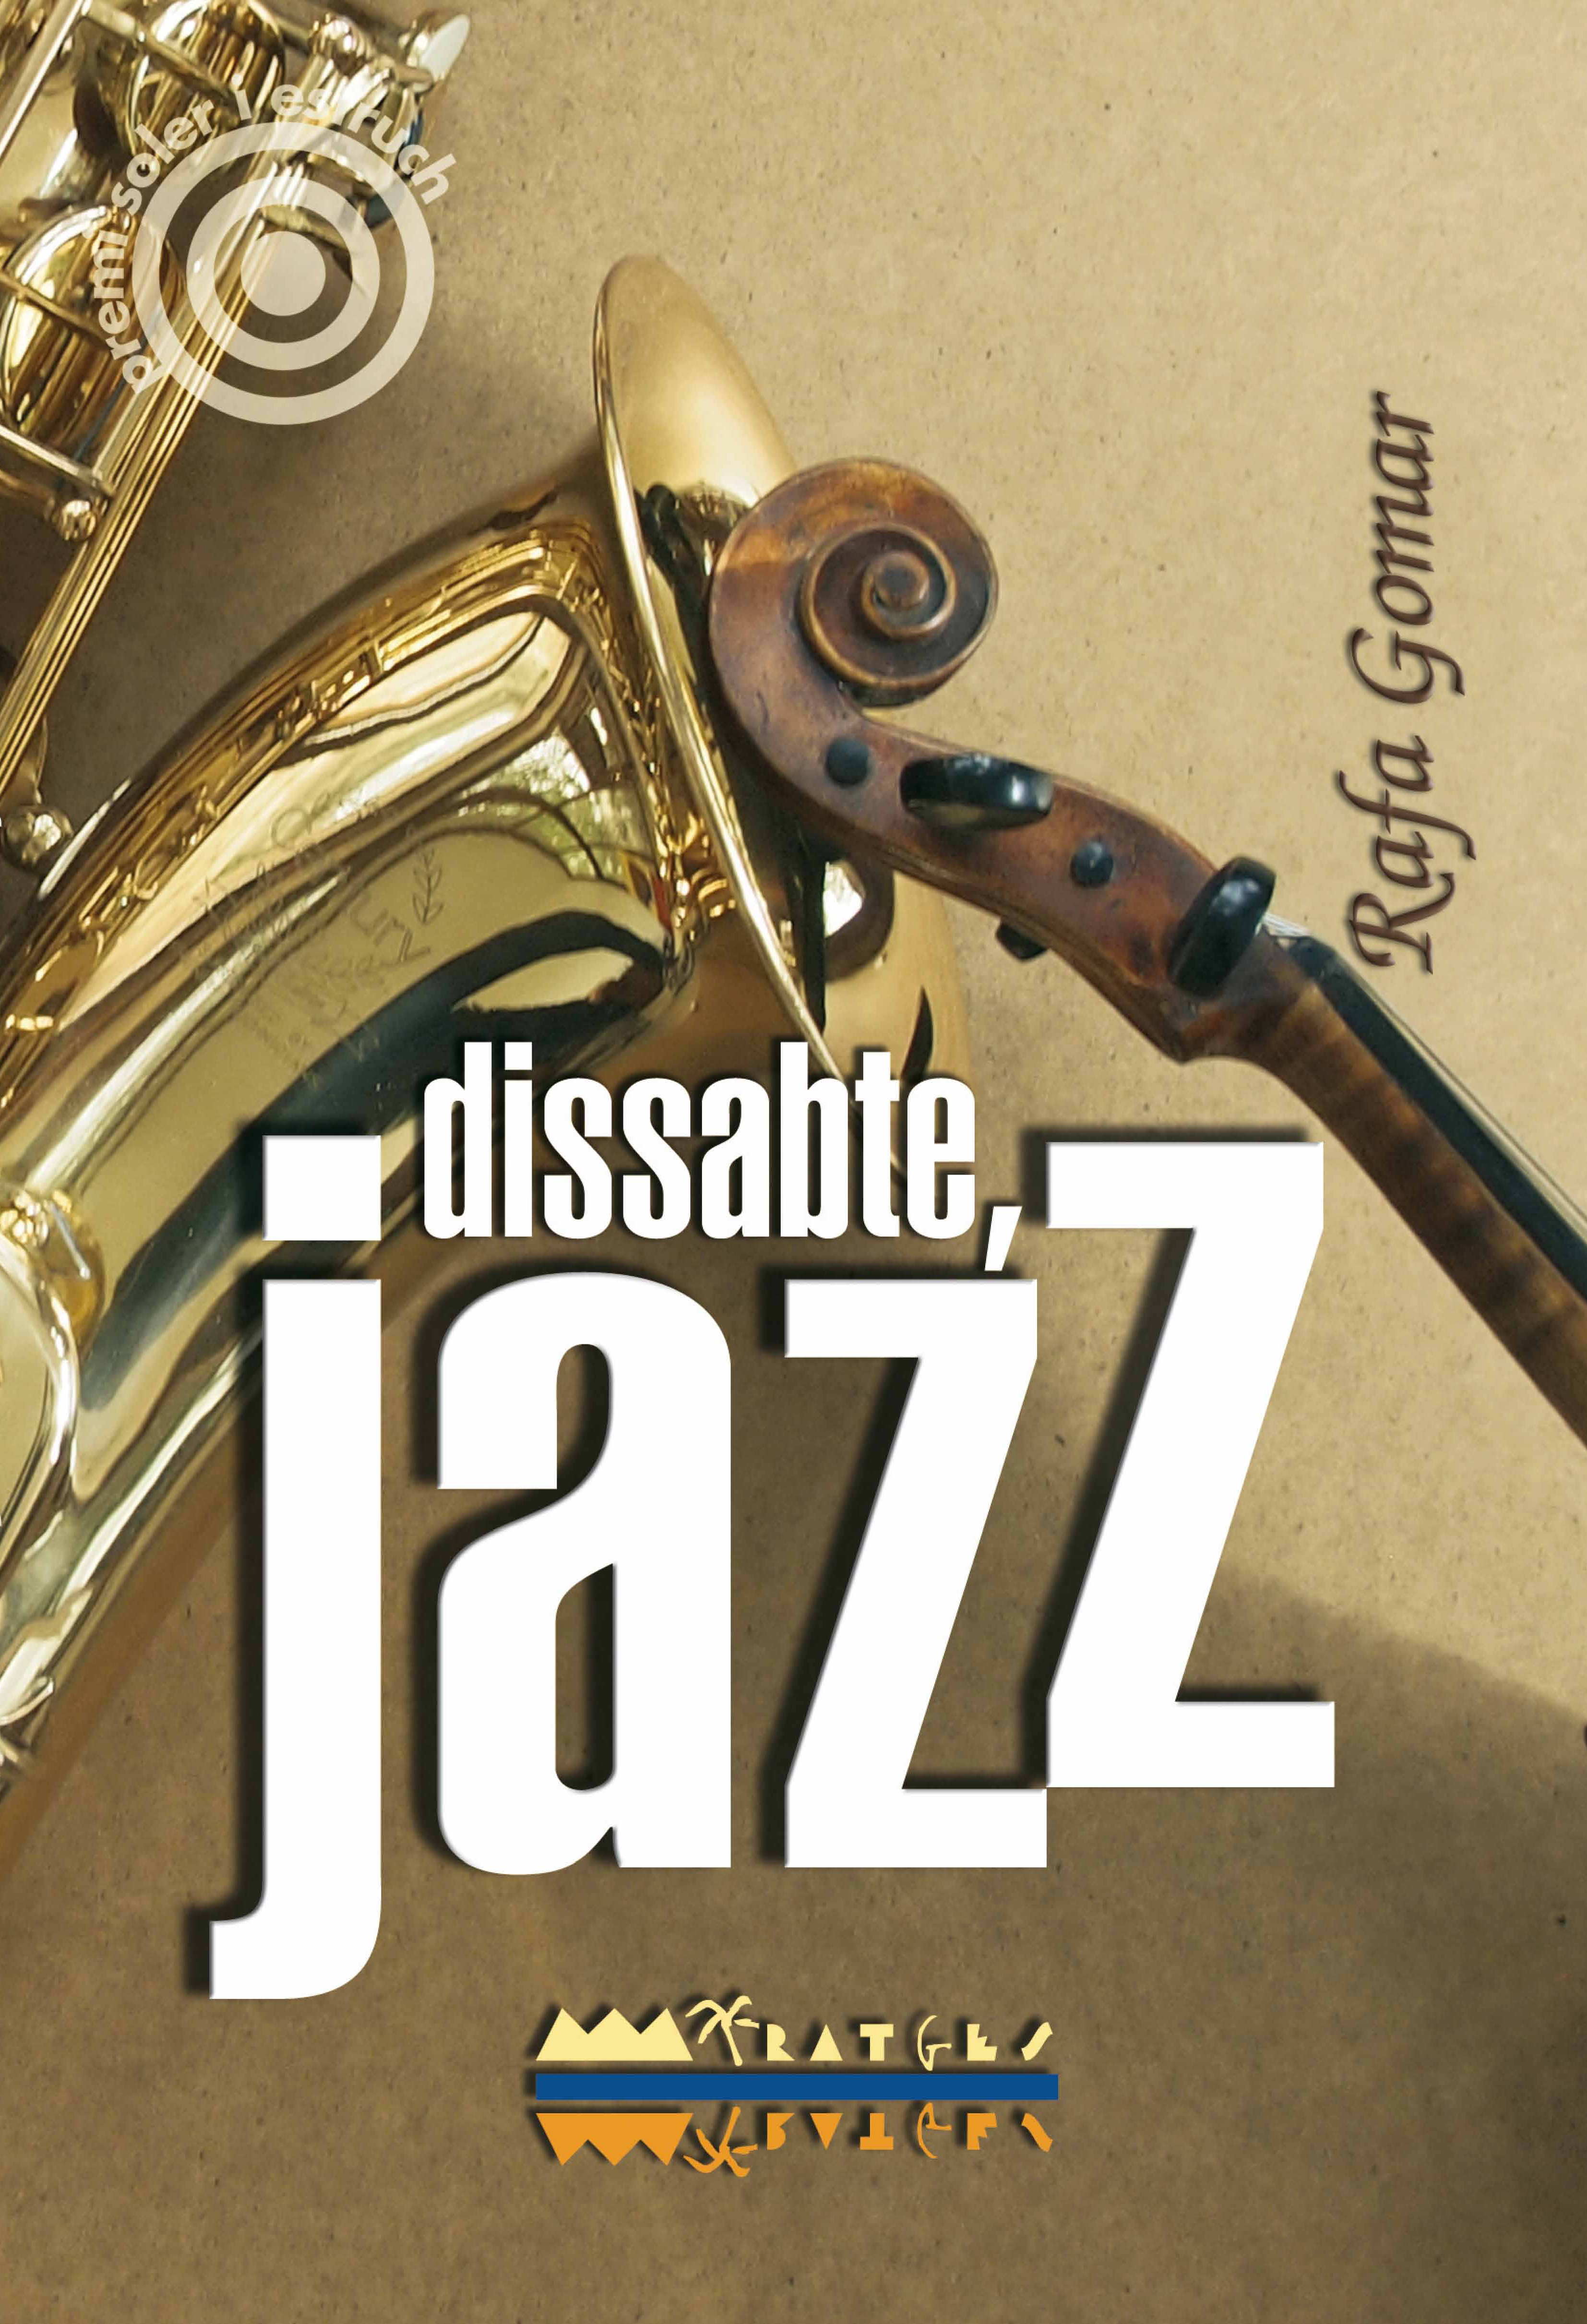 Dissabte, jazz